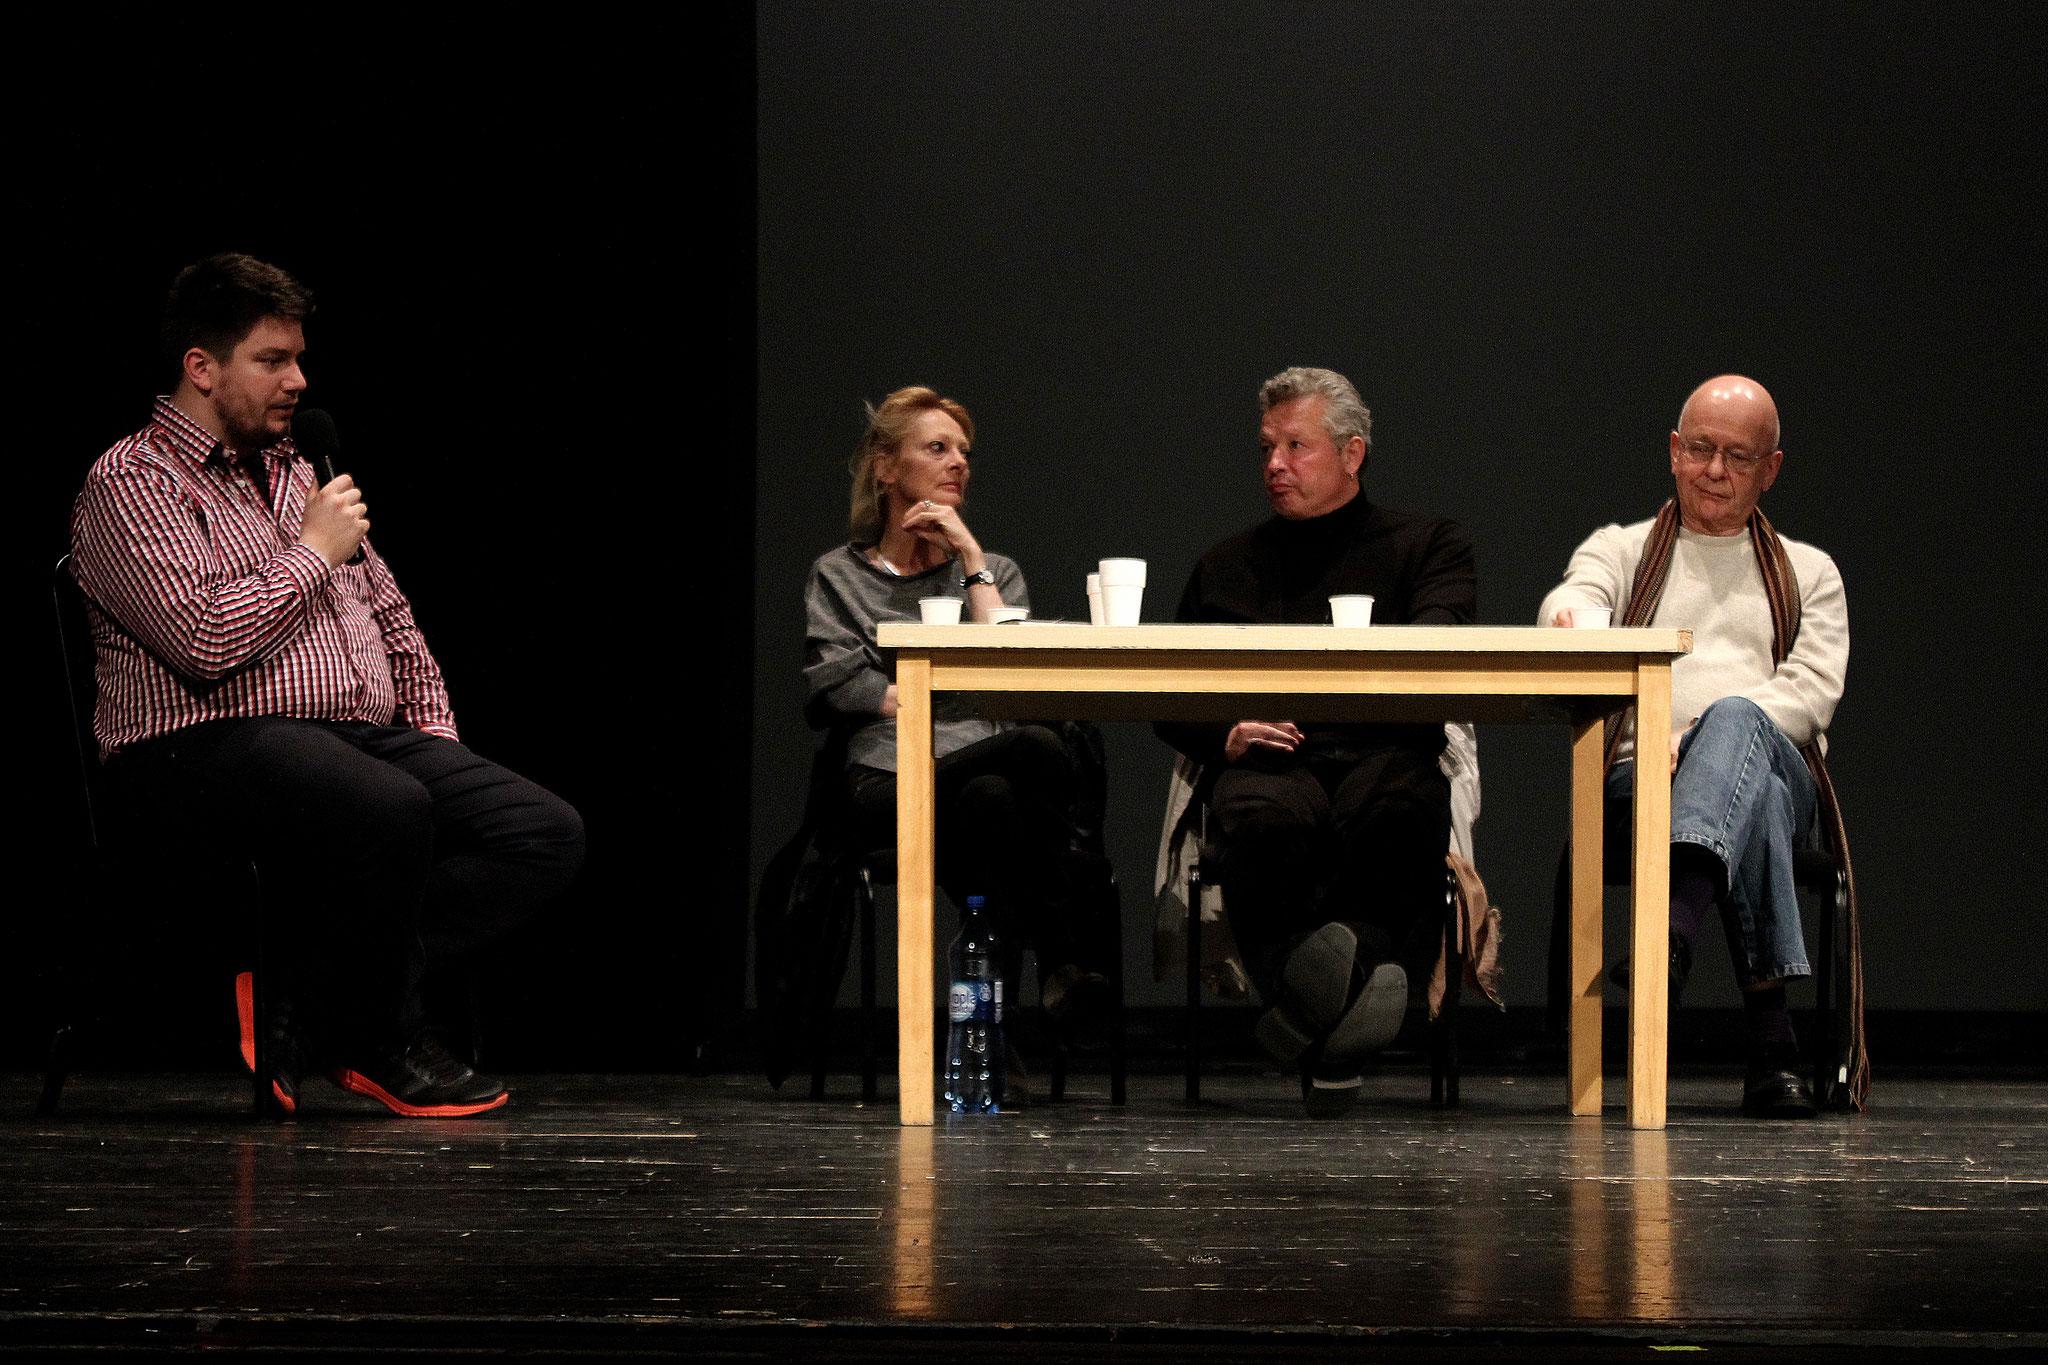 2ème Festival pour Lycéens, Poznań - conférence avec les auteurs 10/10 Emmanuelle Delle Piane, Paul Emond et Stanislas Cotton